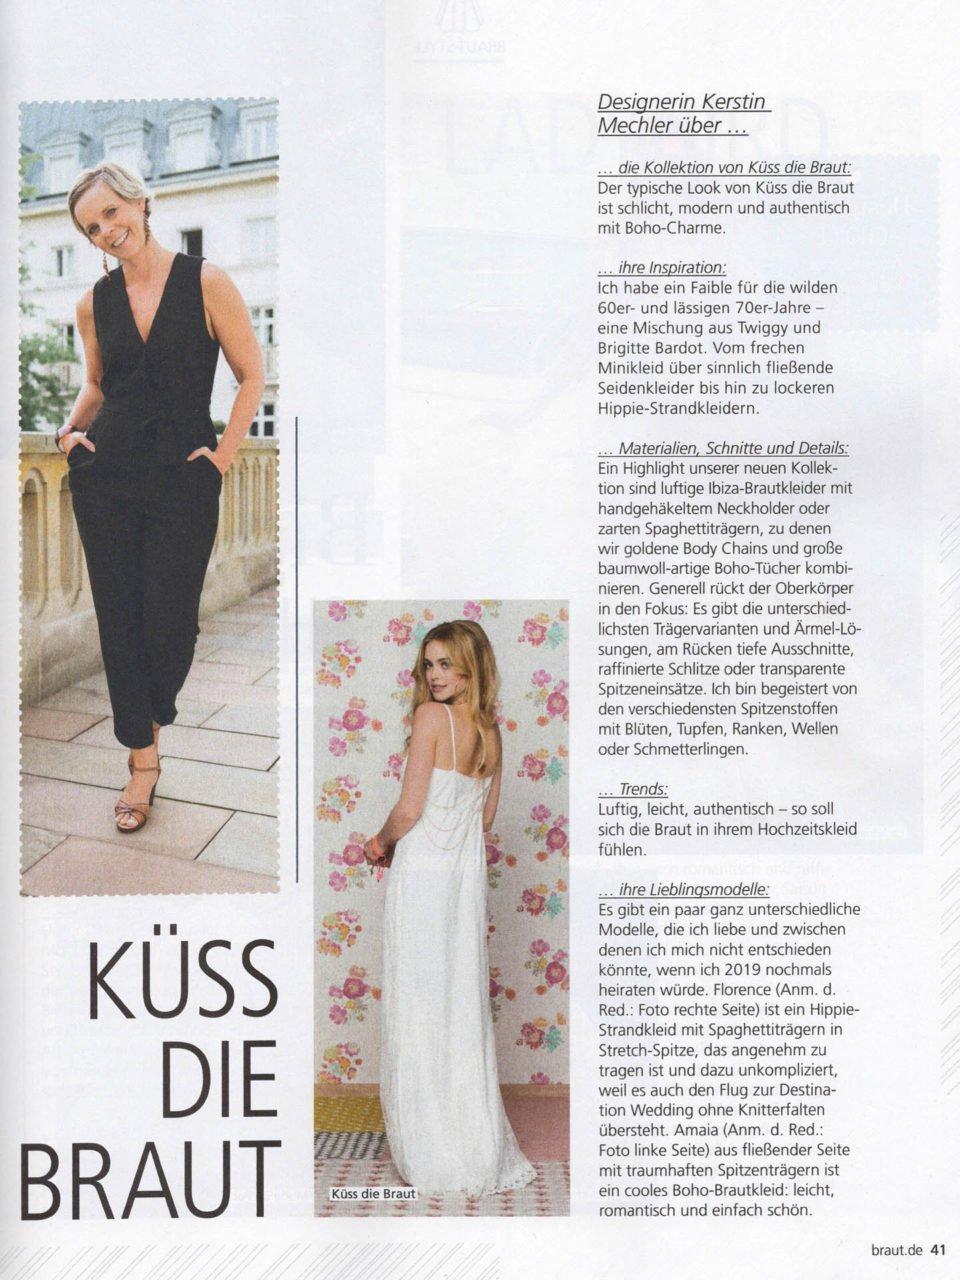 küssdiebraut Interview Kerstin Mechler im Hochzeitsplaner